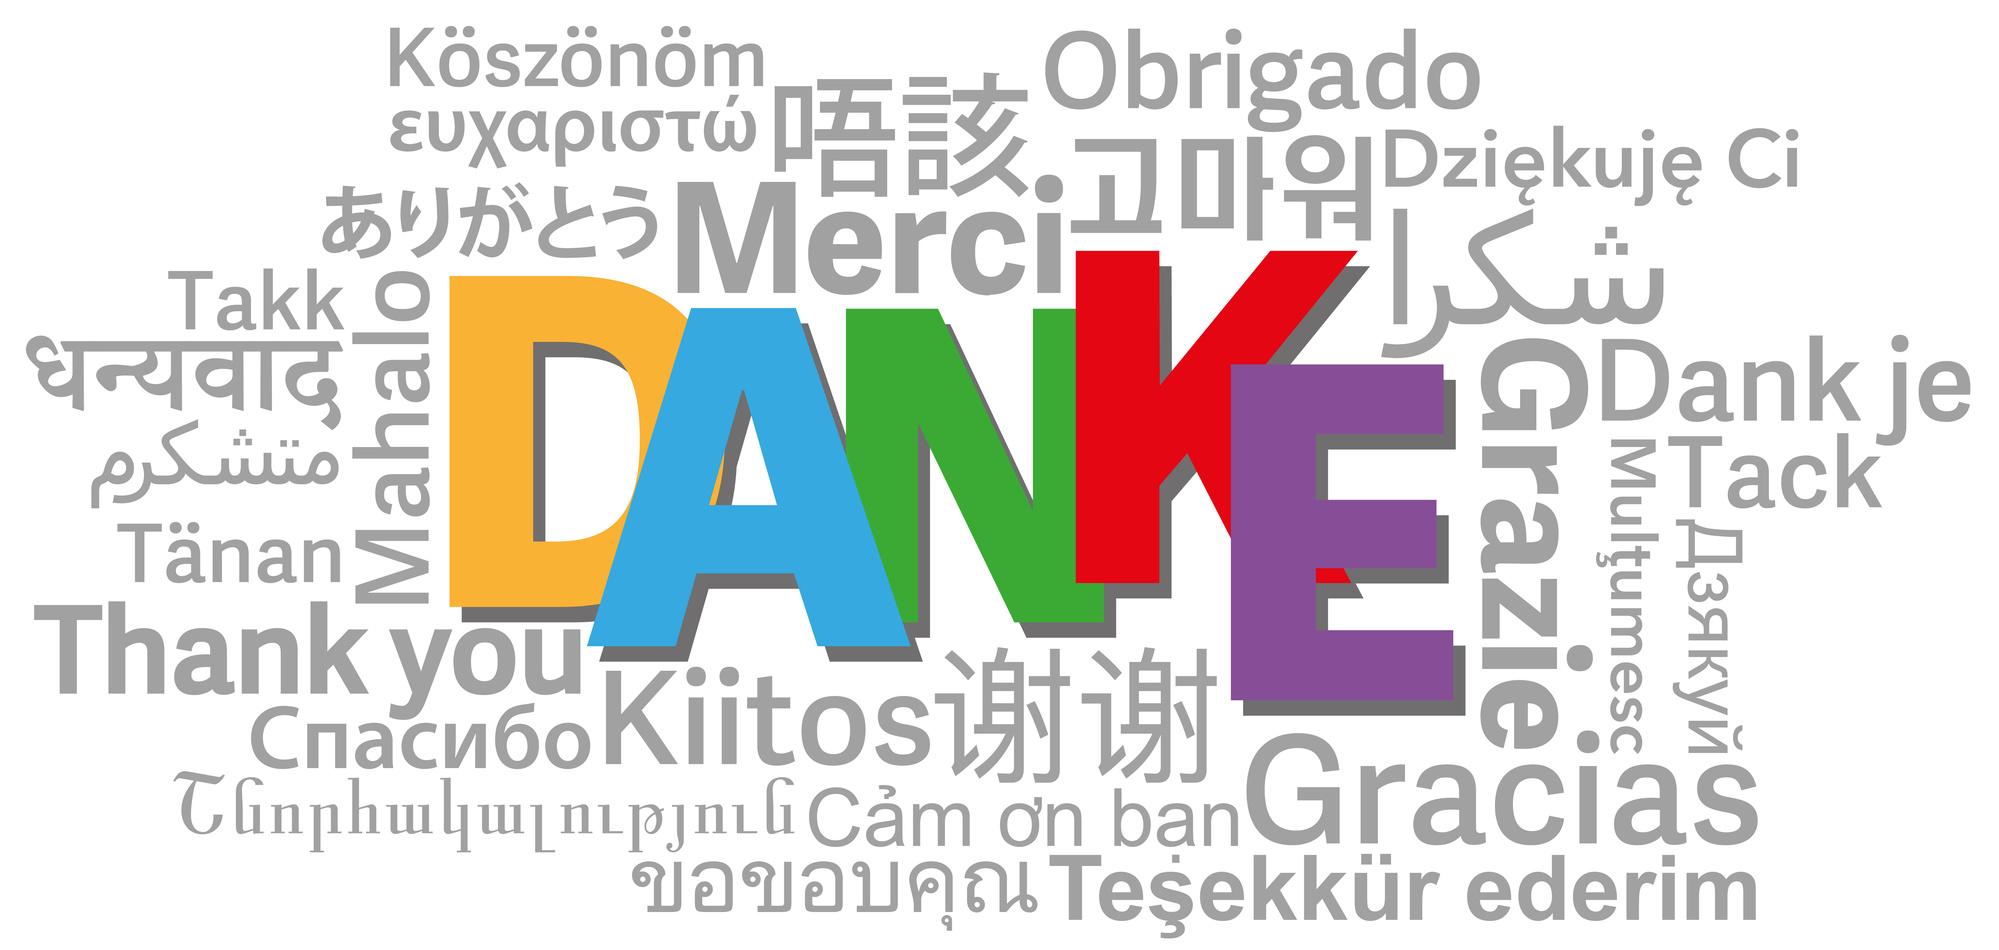 Đa ngôn ngữ/多言語